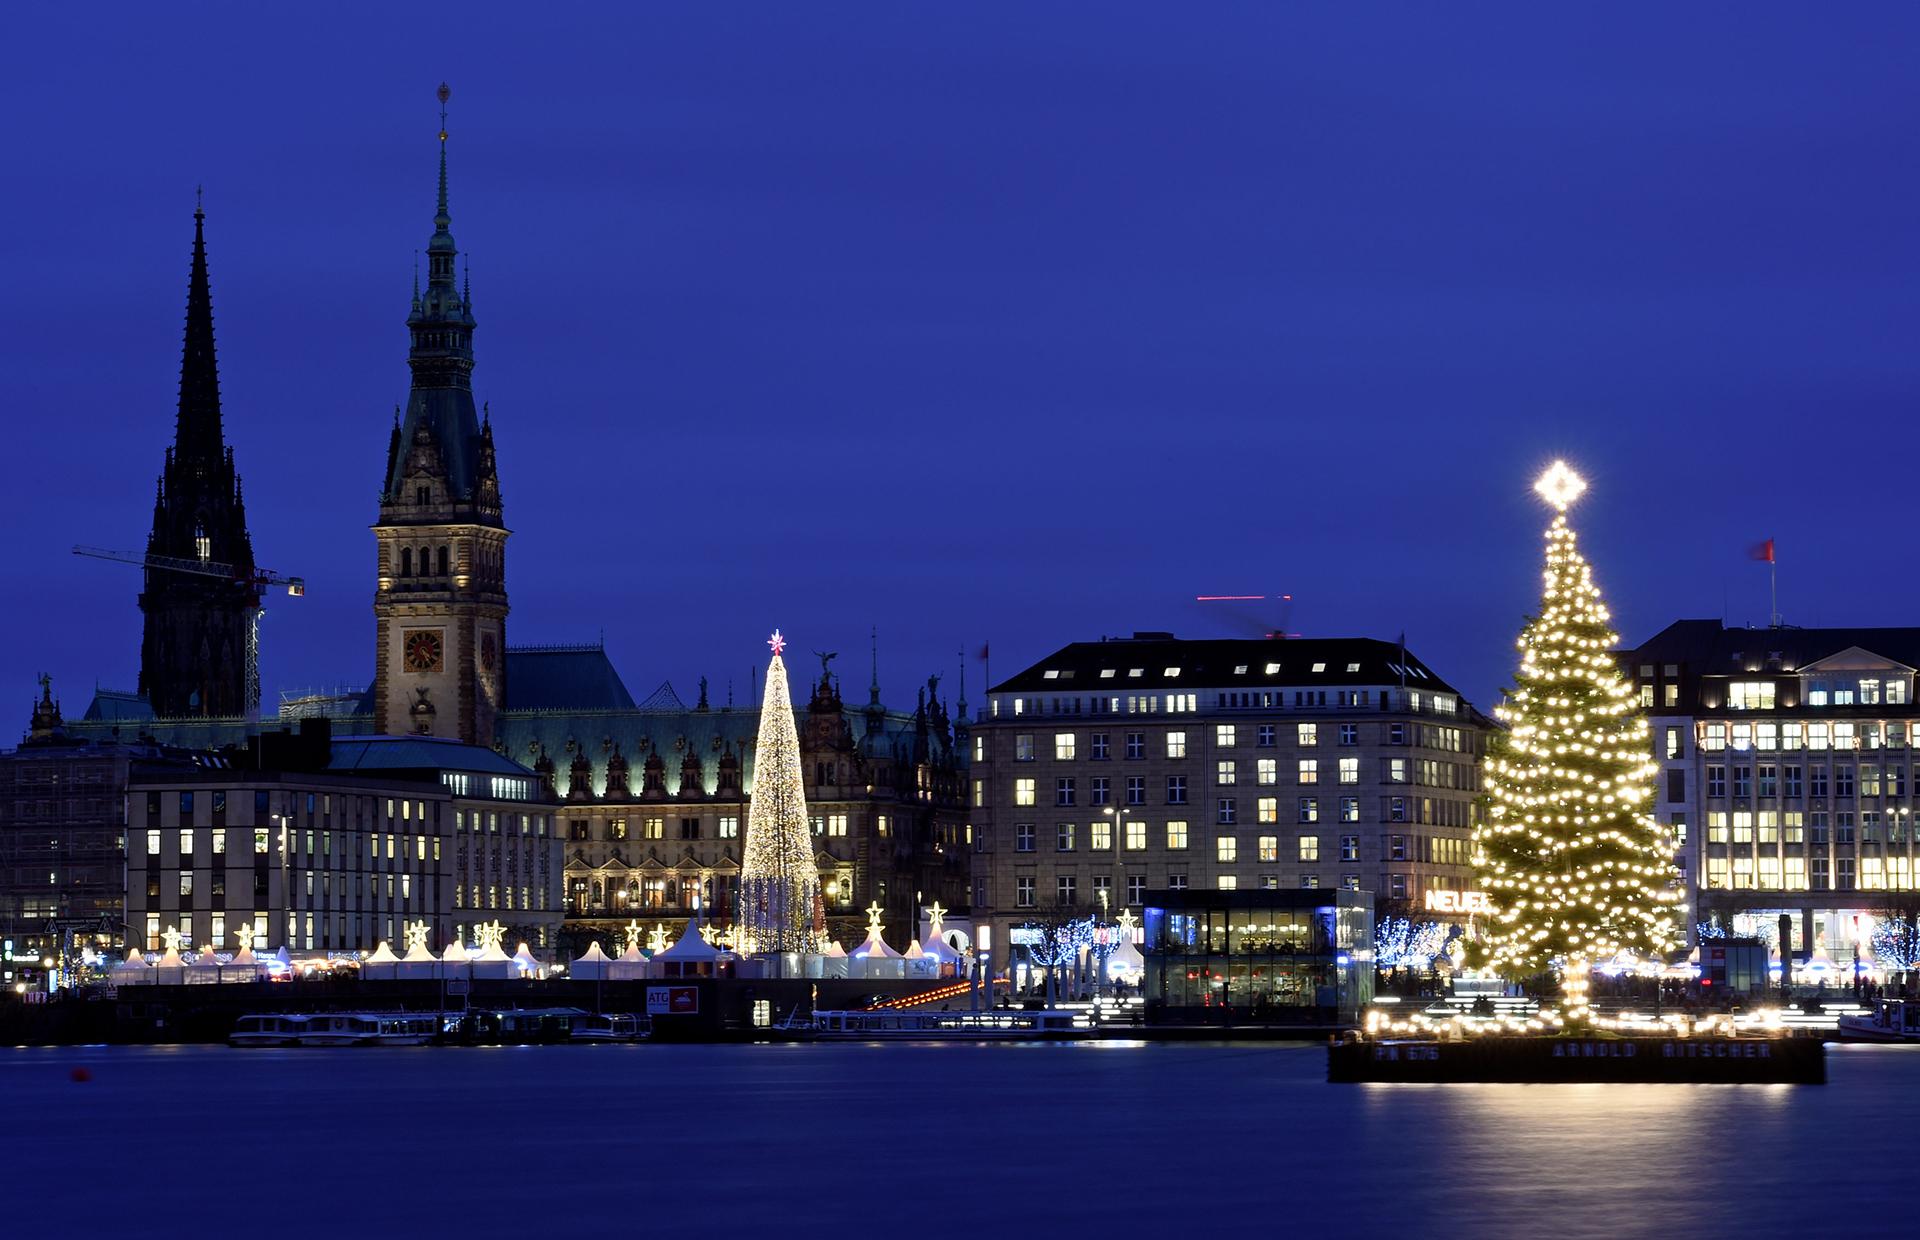 Hamburgo, Alemania, ofrece esta espectacular postal navideña con dos árboles